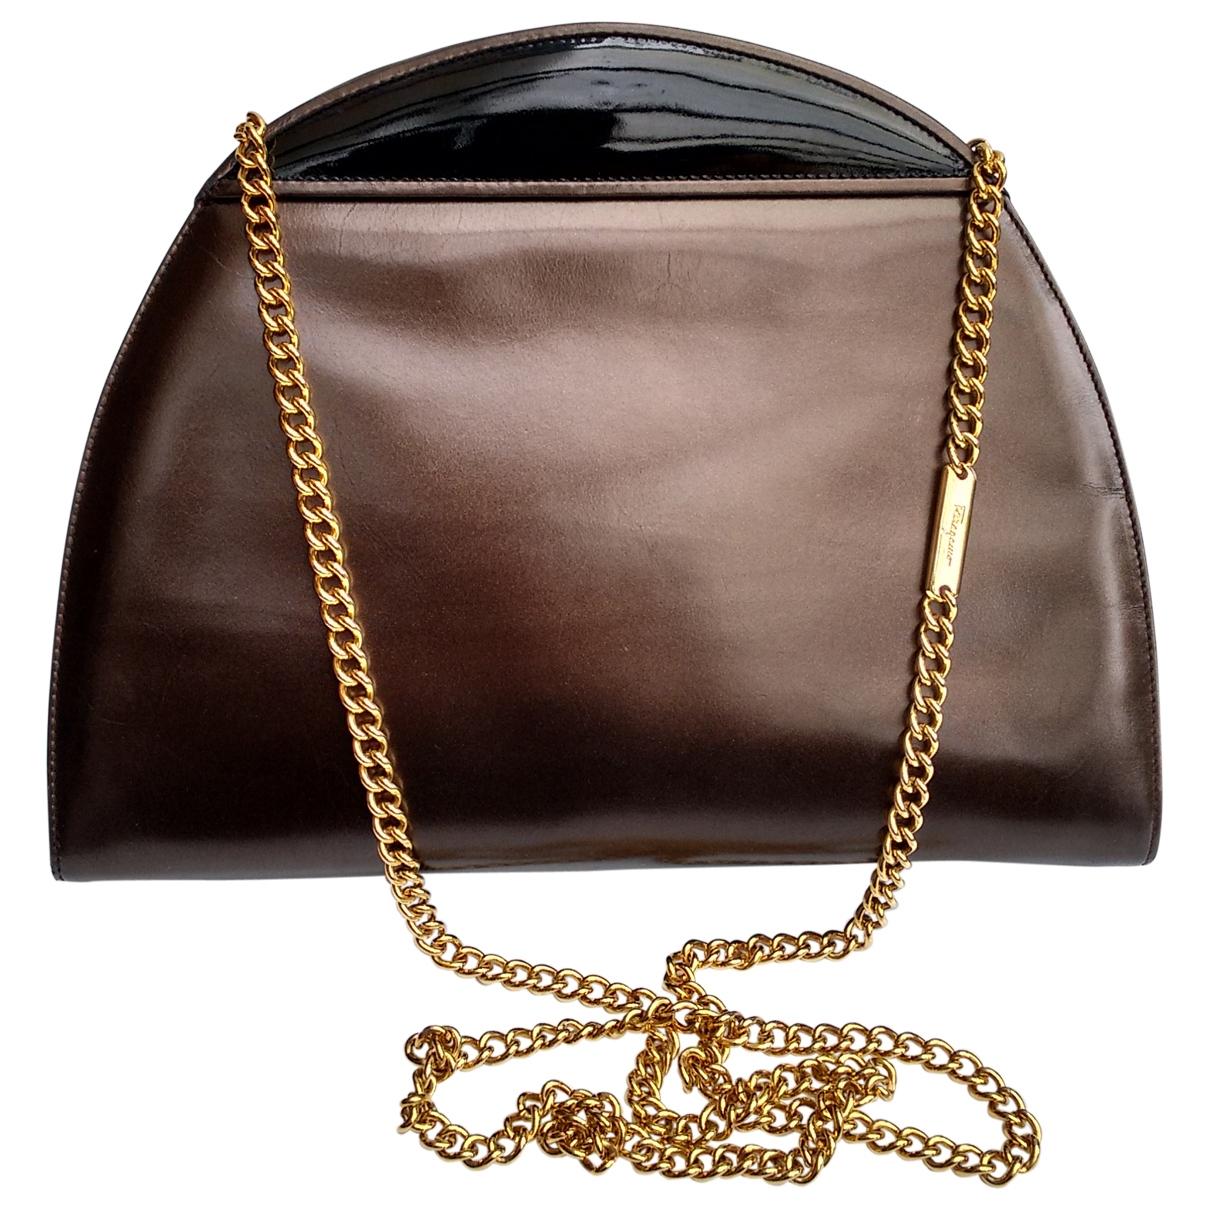 Salvatore Ferragamo \N Handtasche in  Braun Leder